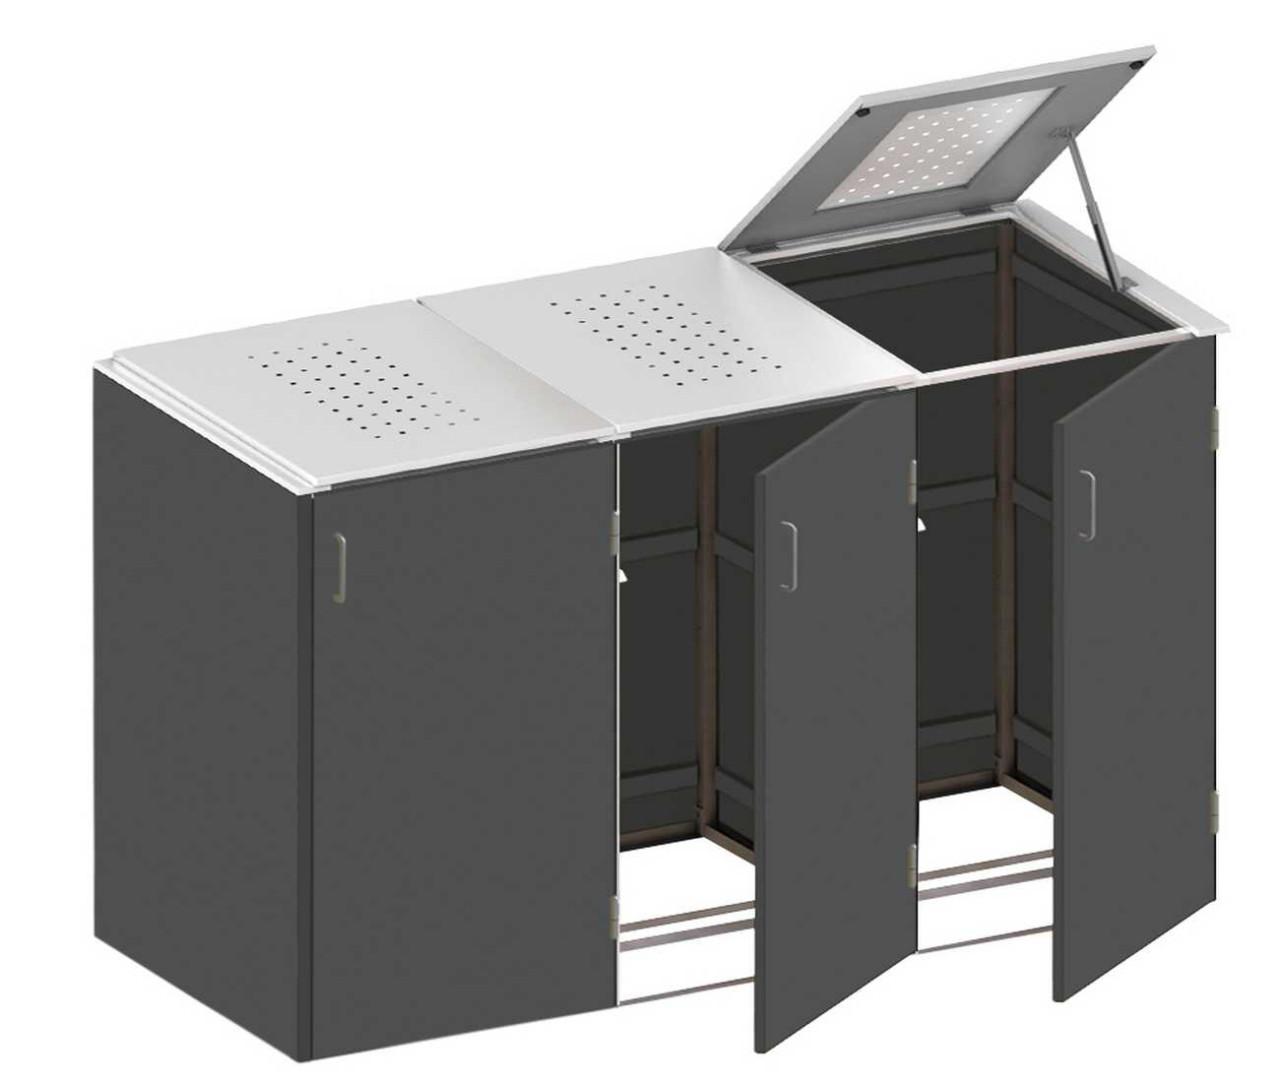 Binto Müllbox HPL Schiefer mit Edelstahl-Klappdeckel